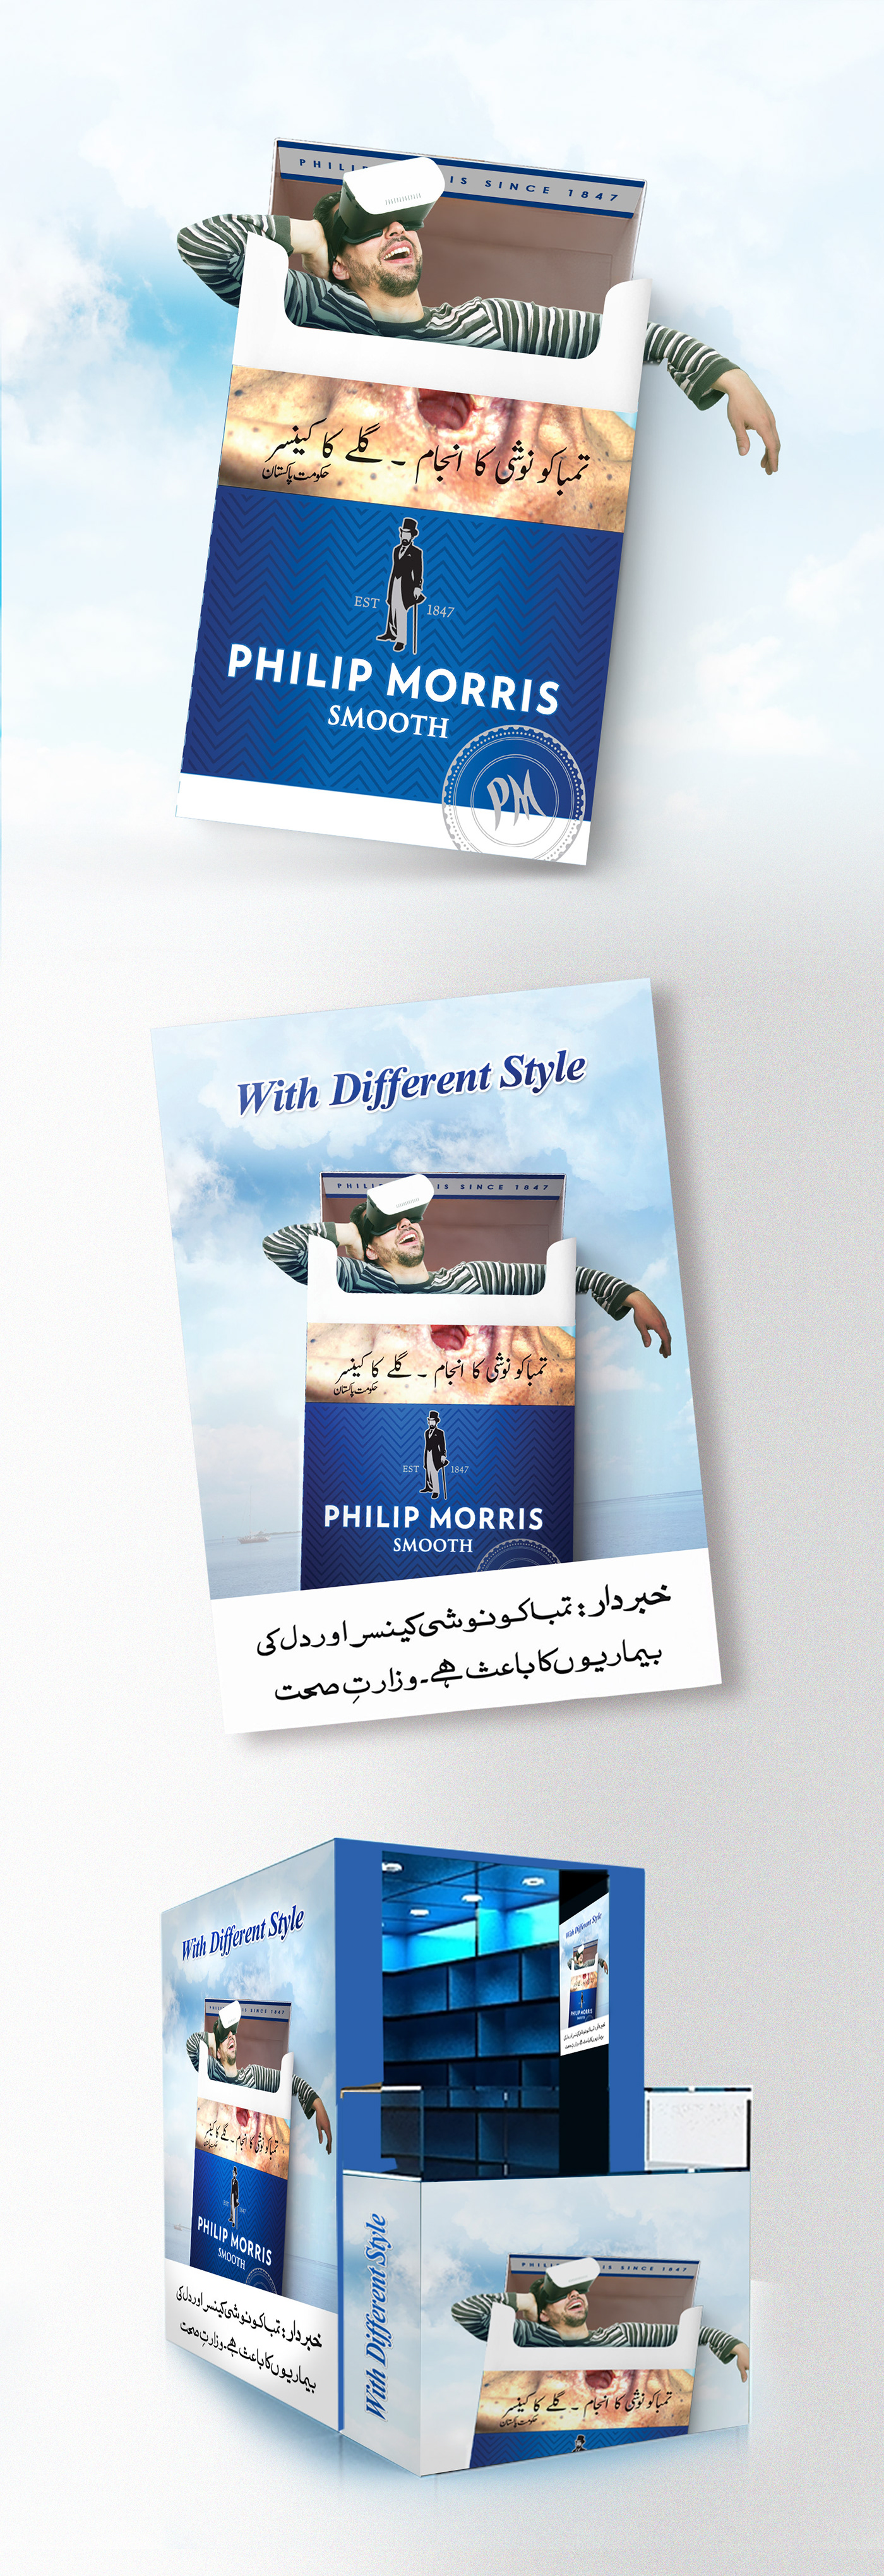 smoking ciggrates brand PMI MullenLowe Smoking is injurious key visual Poster Design azizdesigner panshop philip morris